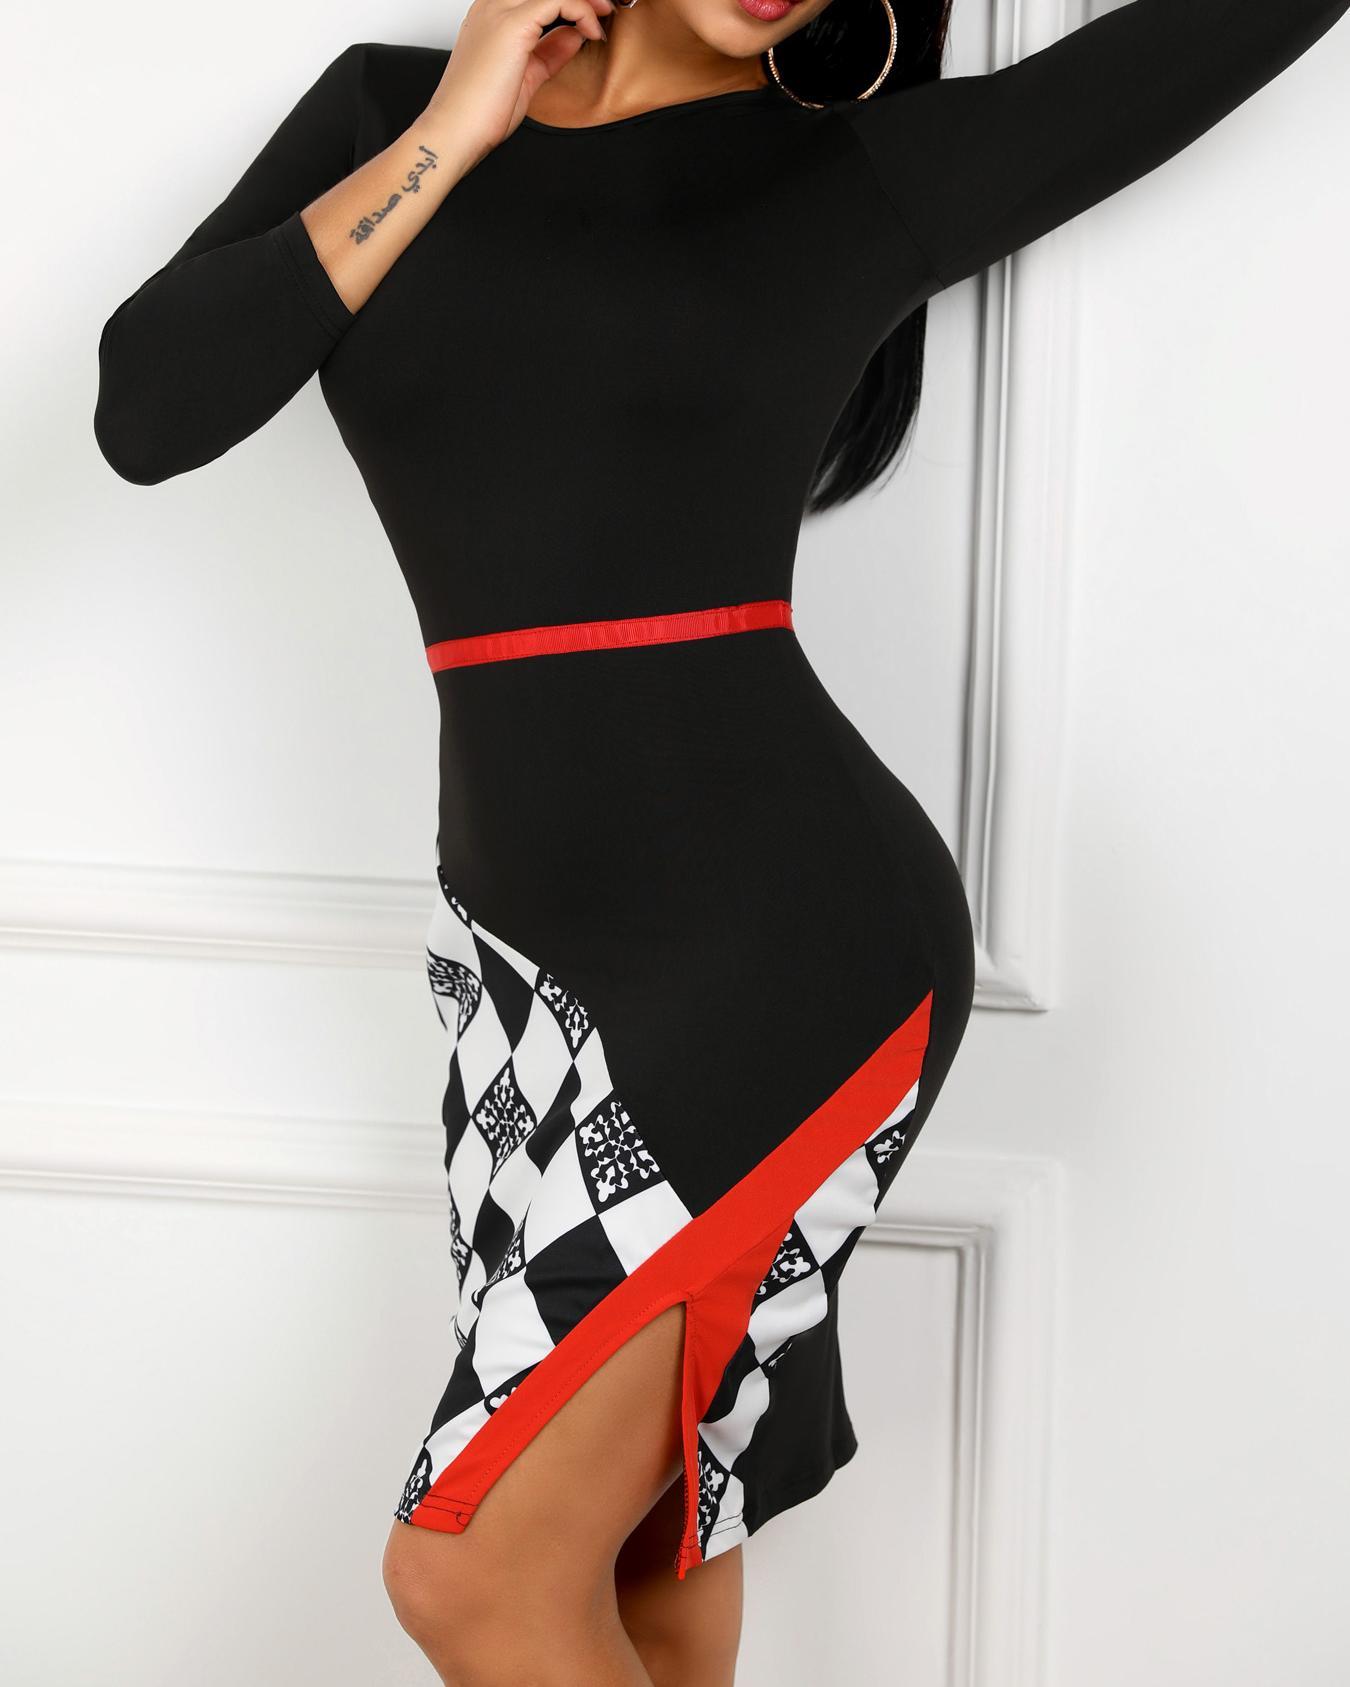 boutiquefeel / Vestido de manga larga en contraste de tablero de control de color